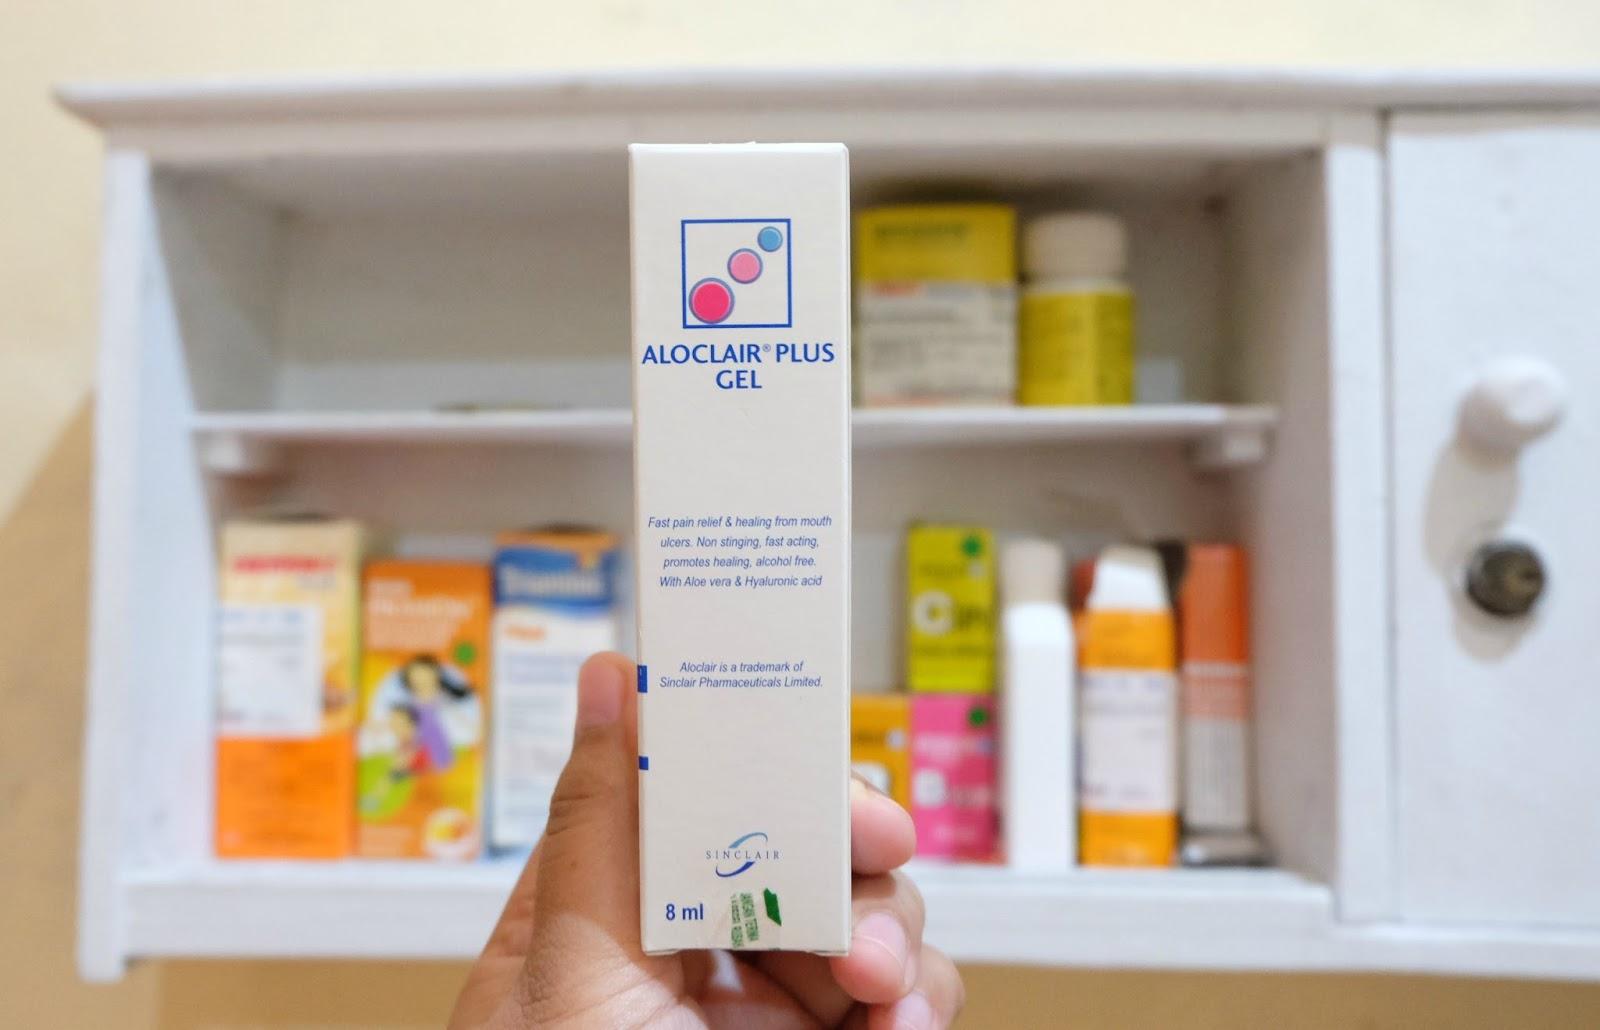 Aloclair Plus Obat Sariawan Nyaman dan Tidak Perih Mengandung Aloe Vera - Can't Smile Without You